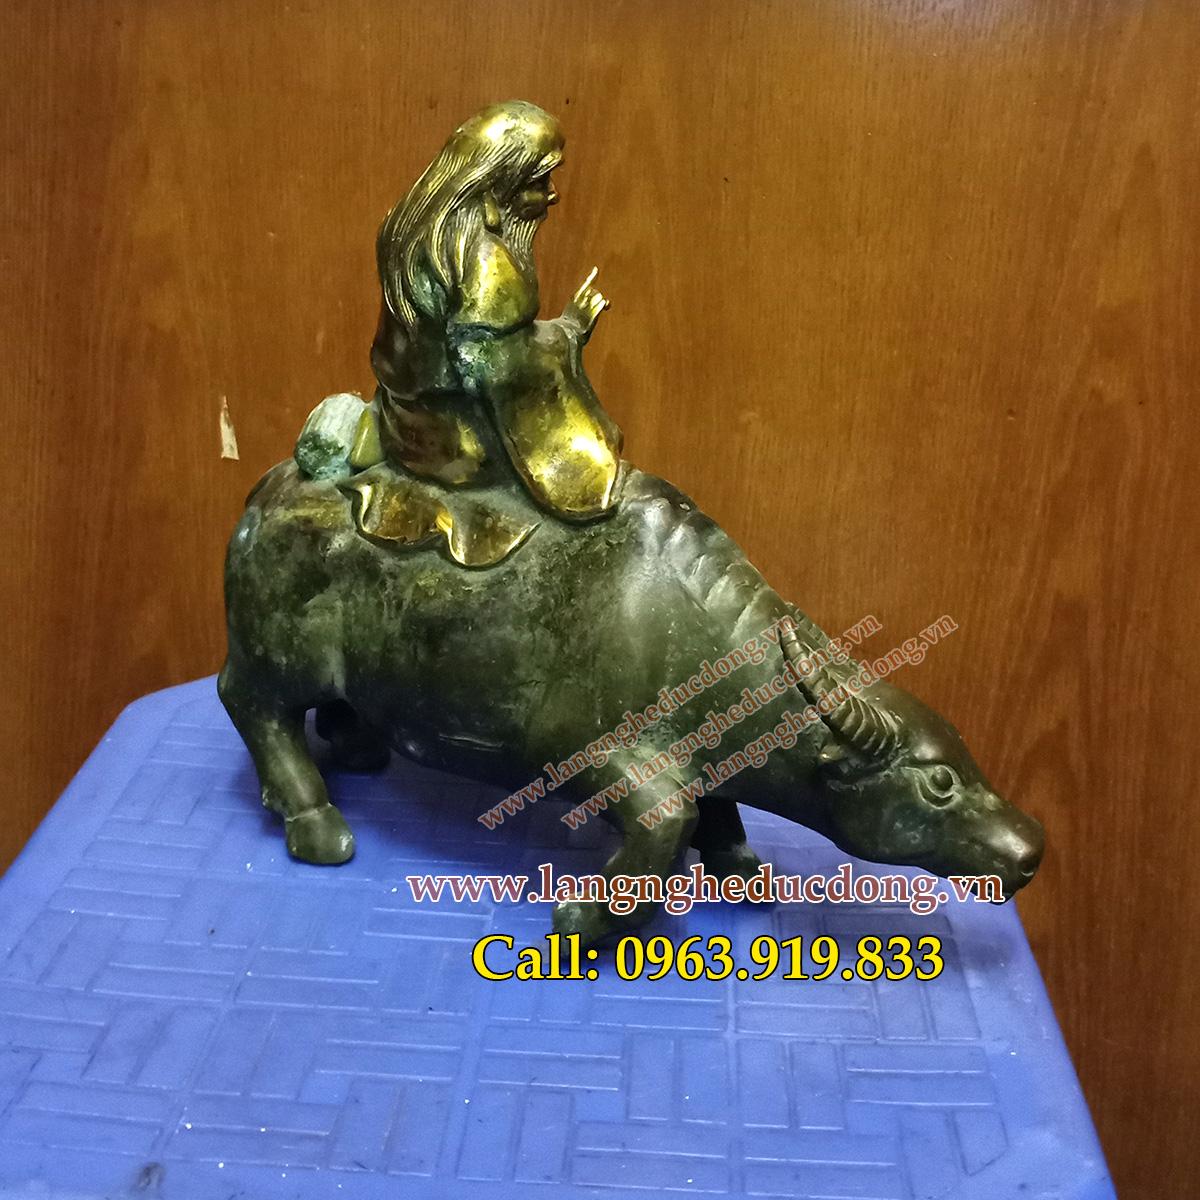 2 Tượng lão tử cưỡi trâu bằng đồng cao 20cm, tượng lão tử